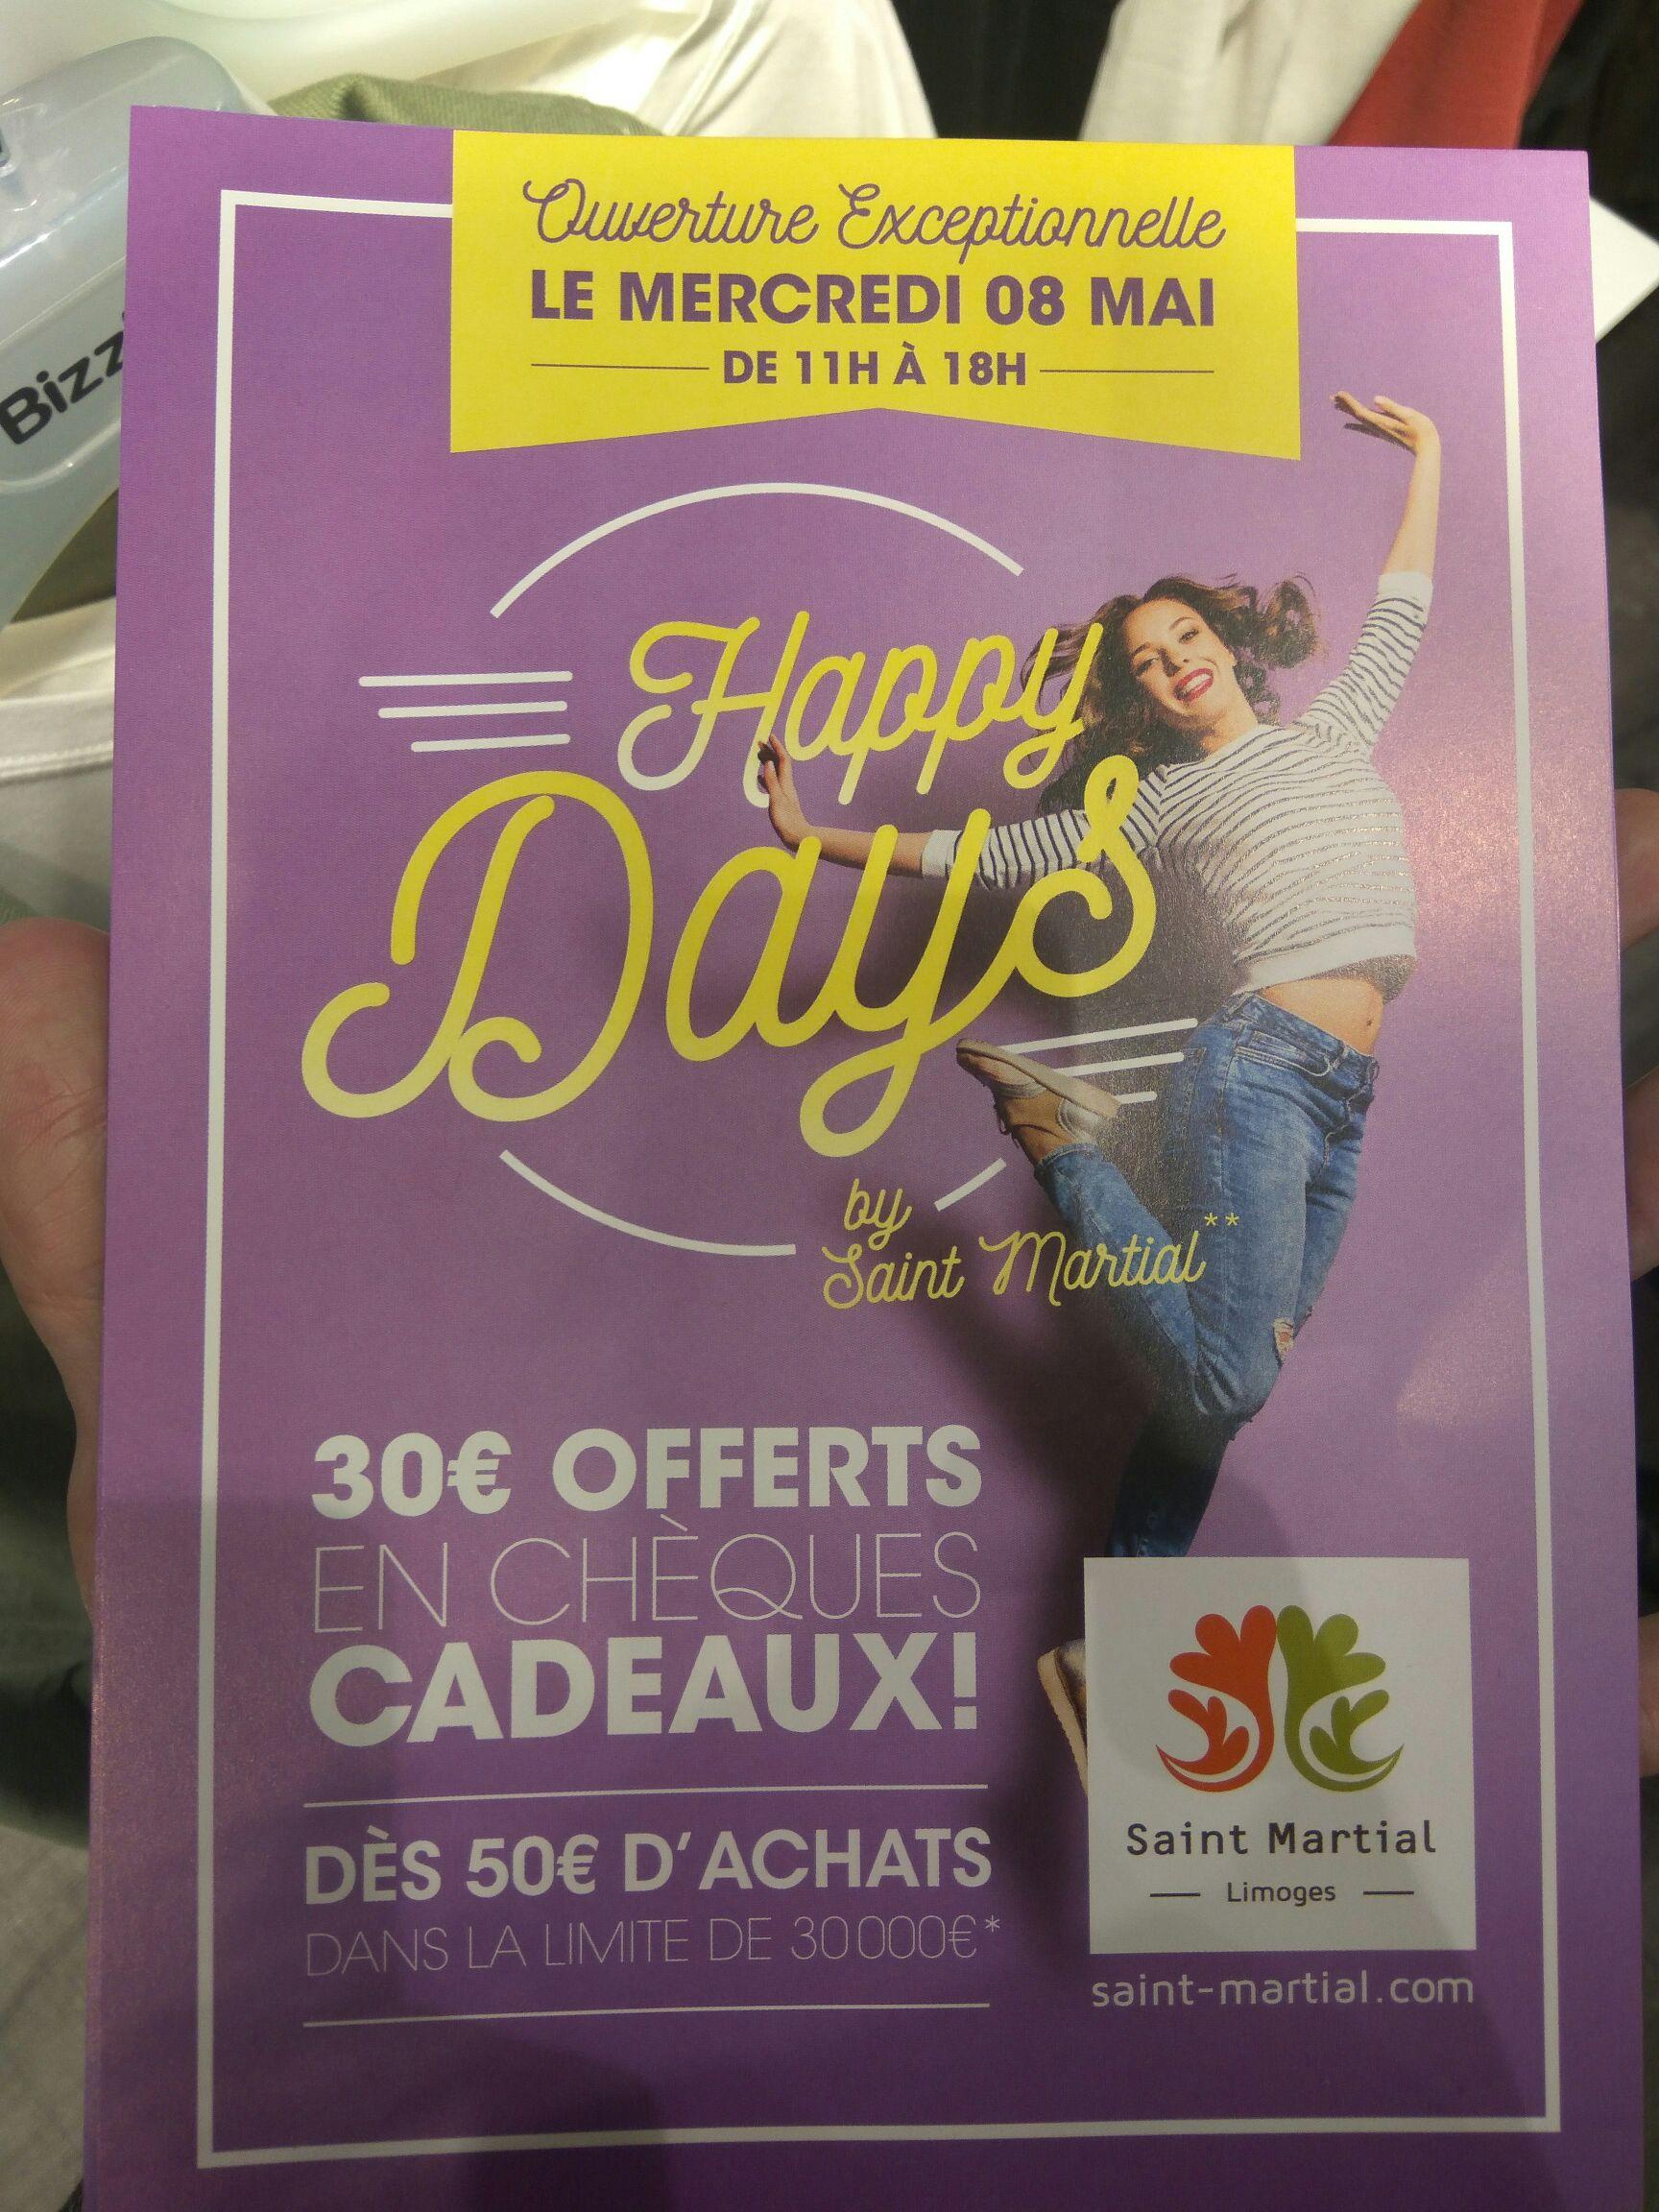 30€ offerts en chèques cadeaux dès 50€ d'achats - Centre commercial Saint Martial (Limoges - 87)